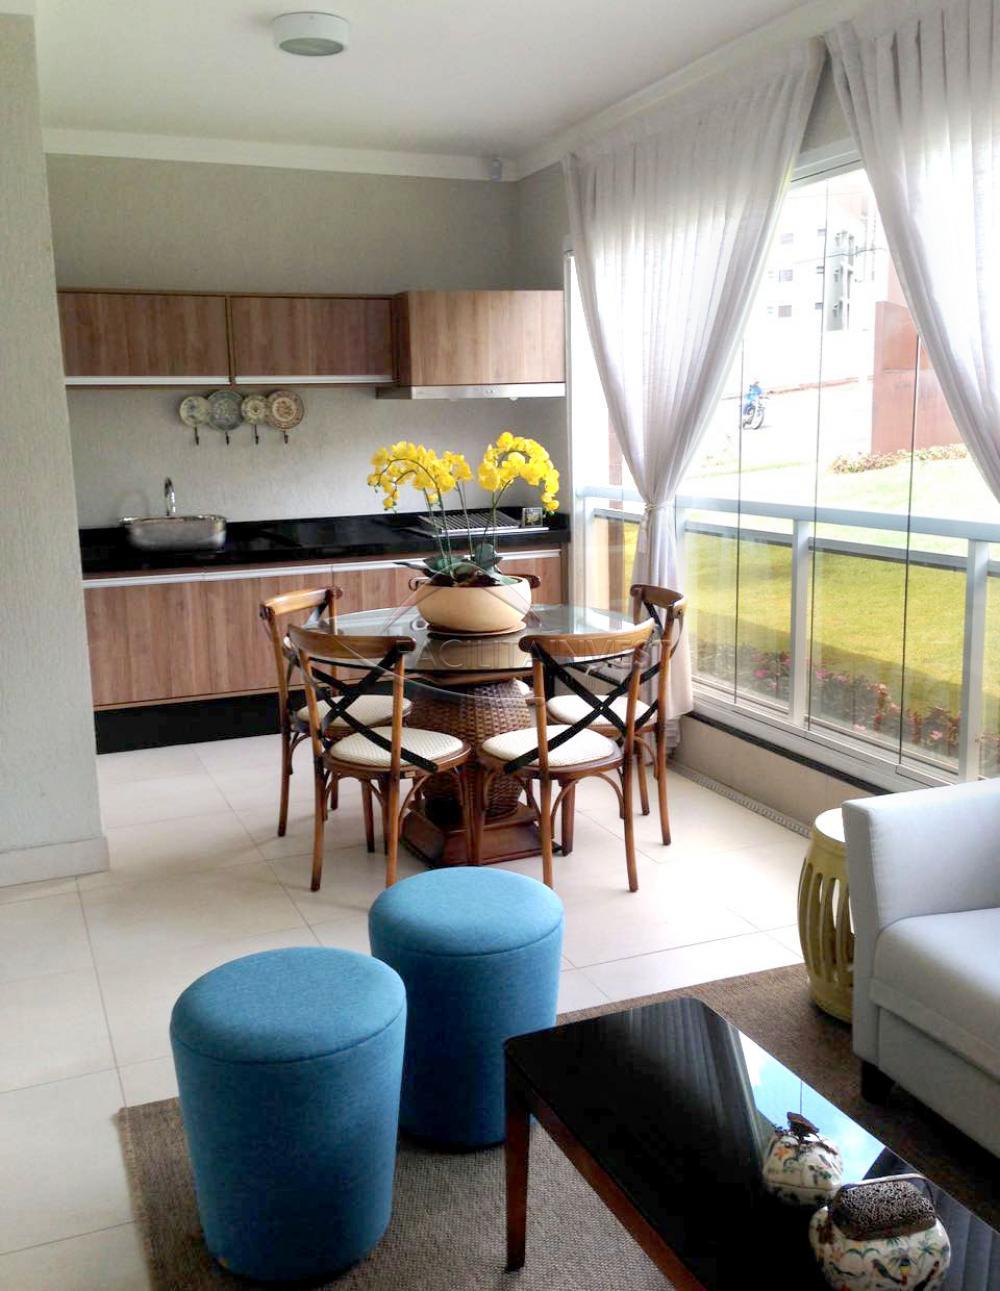 Comprar Lançamentos/ Empreendimentos em Construç / Apartamento padrão - Lançamento em Ribeirão Preto apenas R$ 950.567,00 - Foto 3